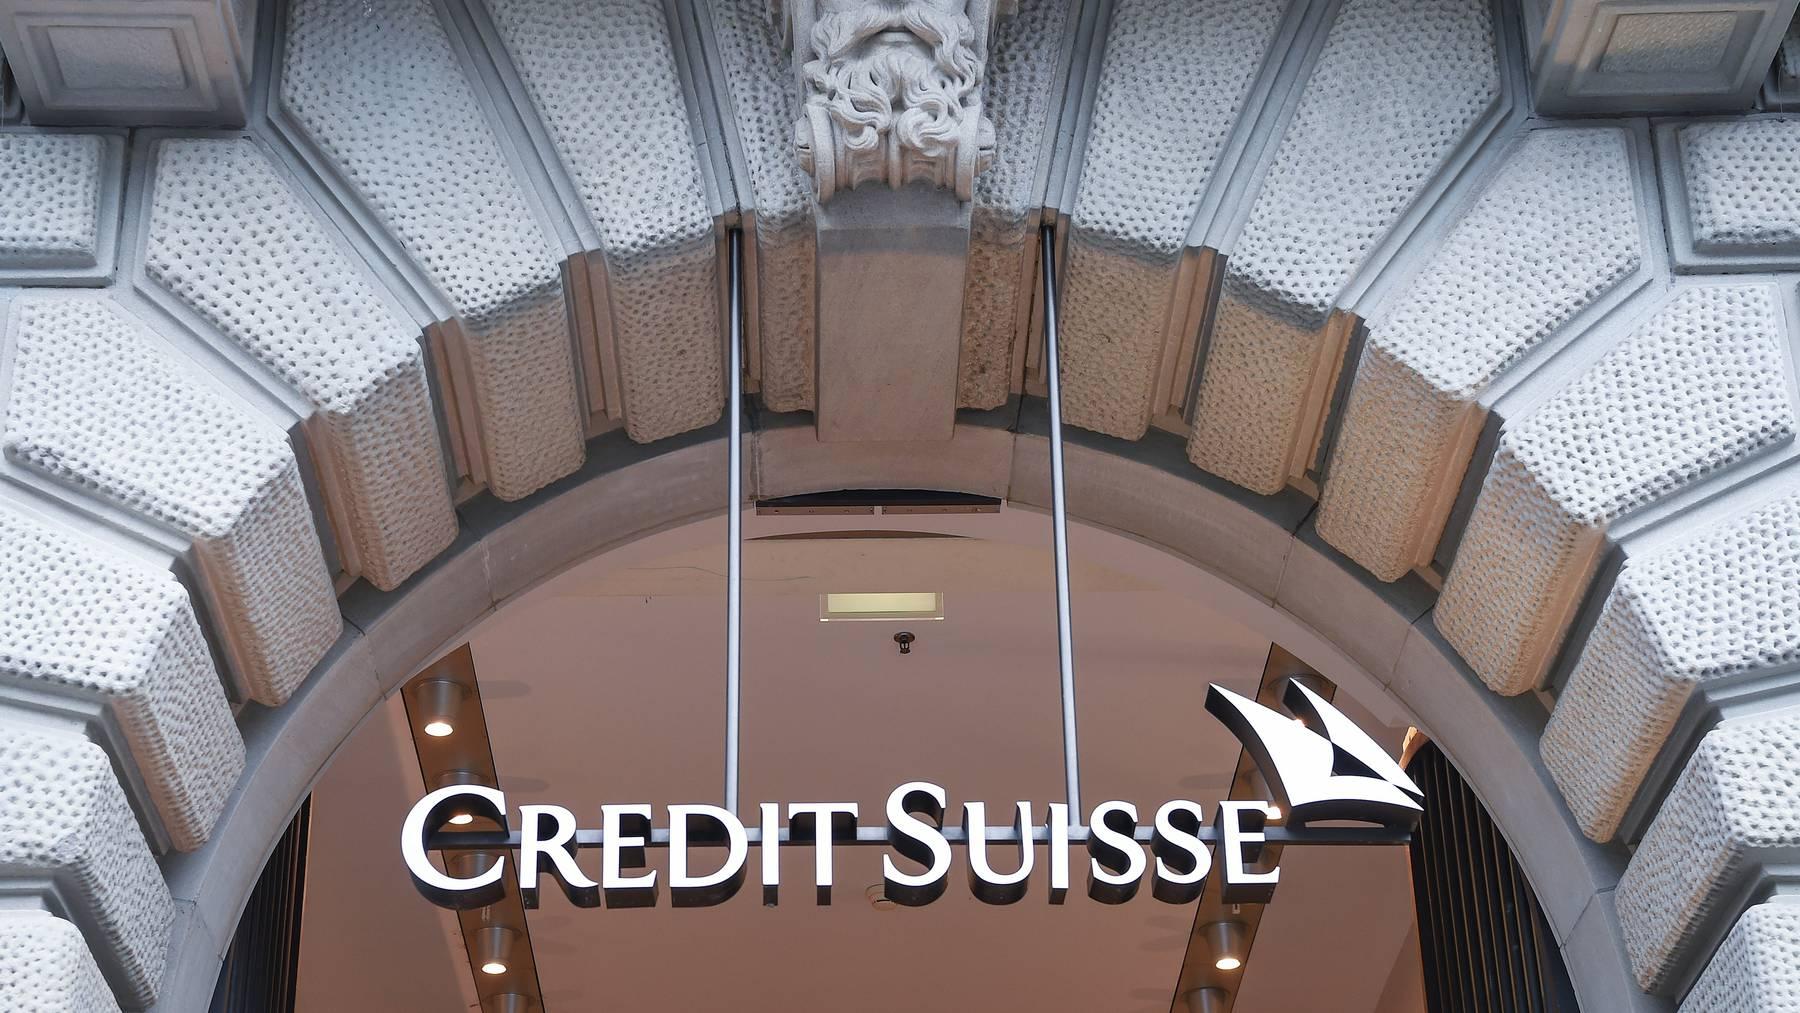 Die Credit Suisse will ihr Geld zurück.